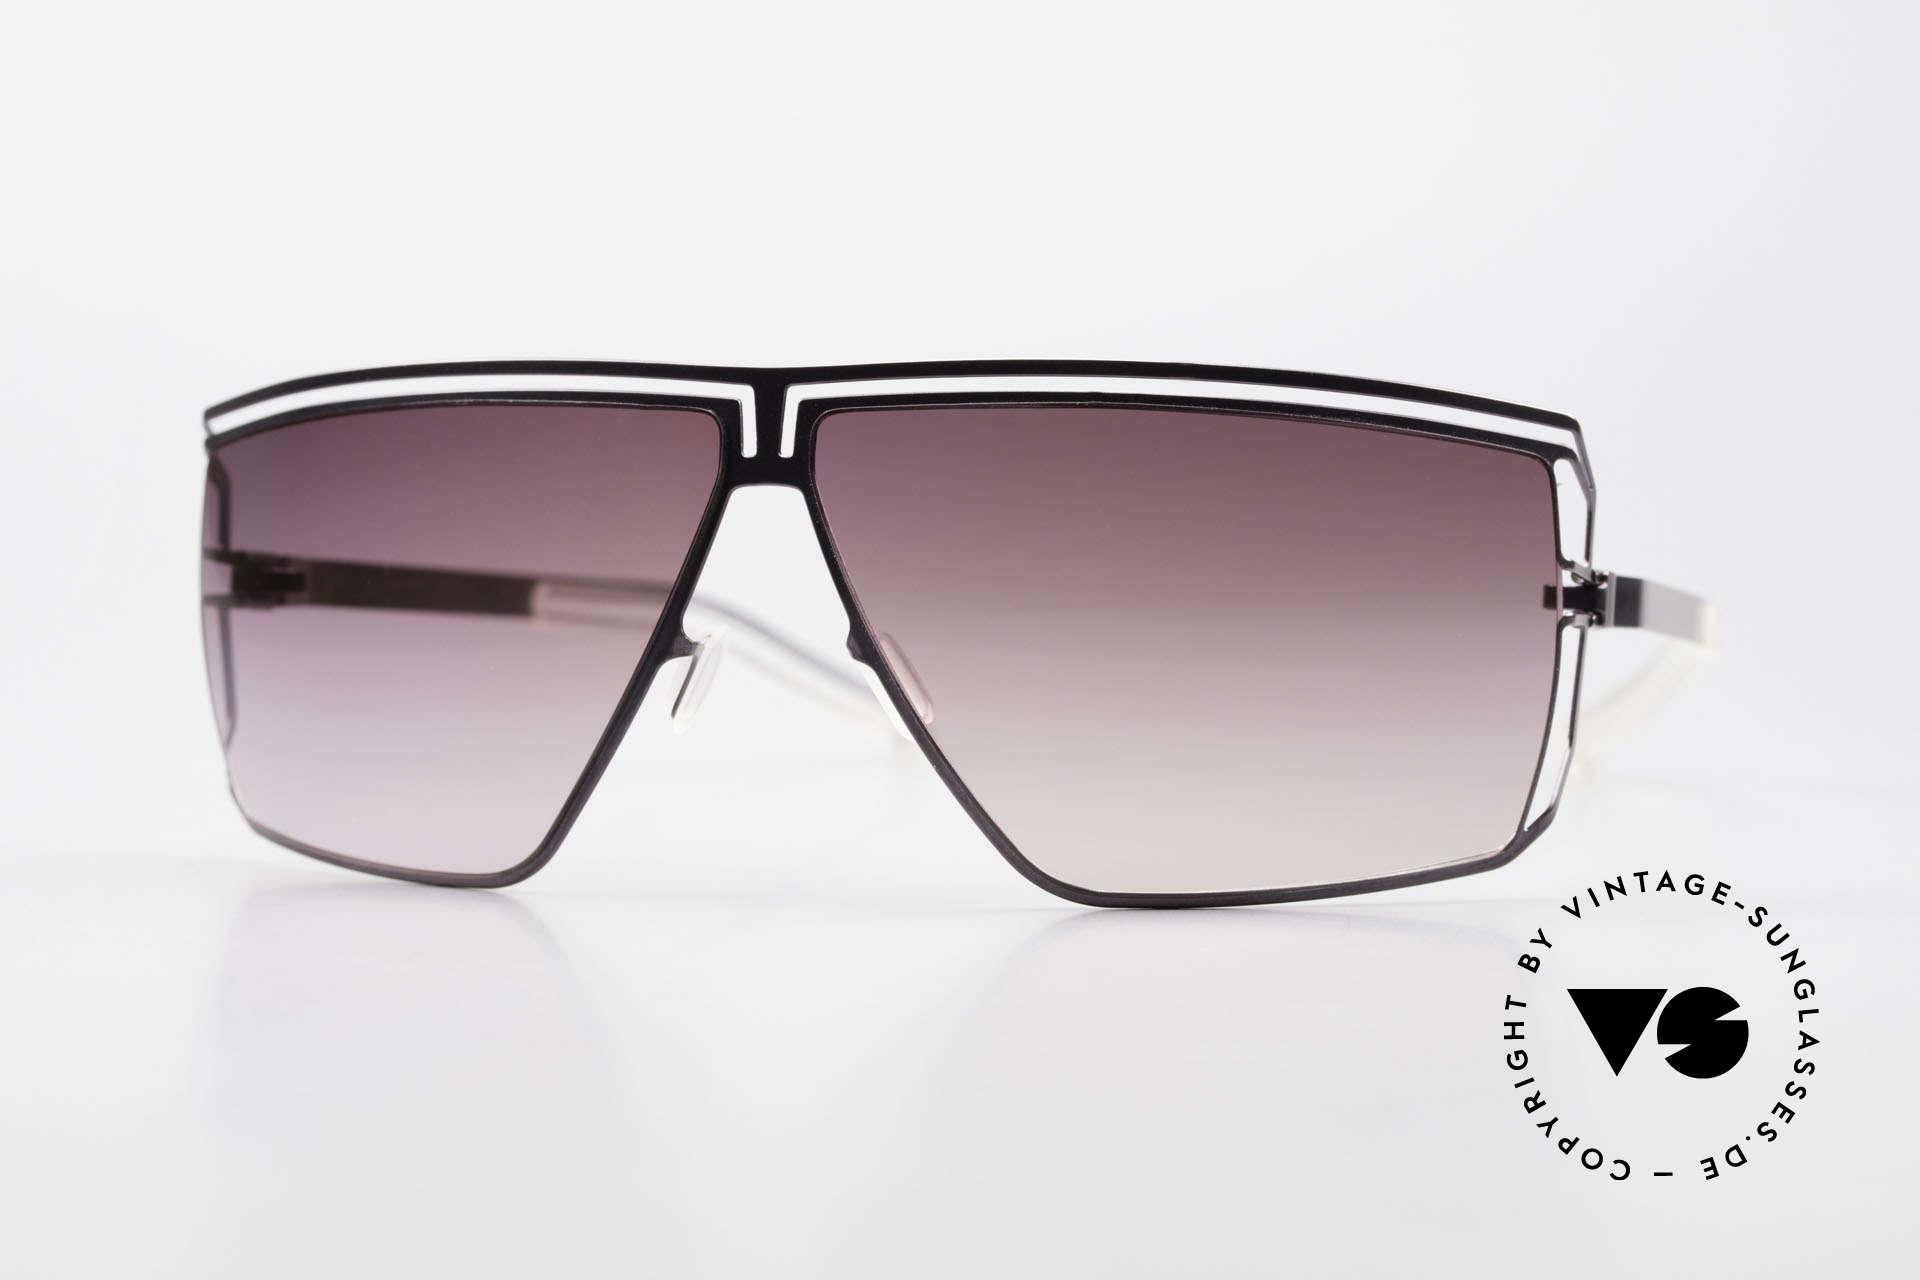 Mykita Anais Designer Sonnenbrille von 2007, original VINTAGE Mykita Damen-Sonnenbrille von 2007, Passend für Damen